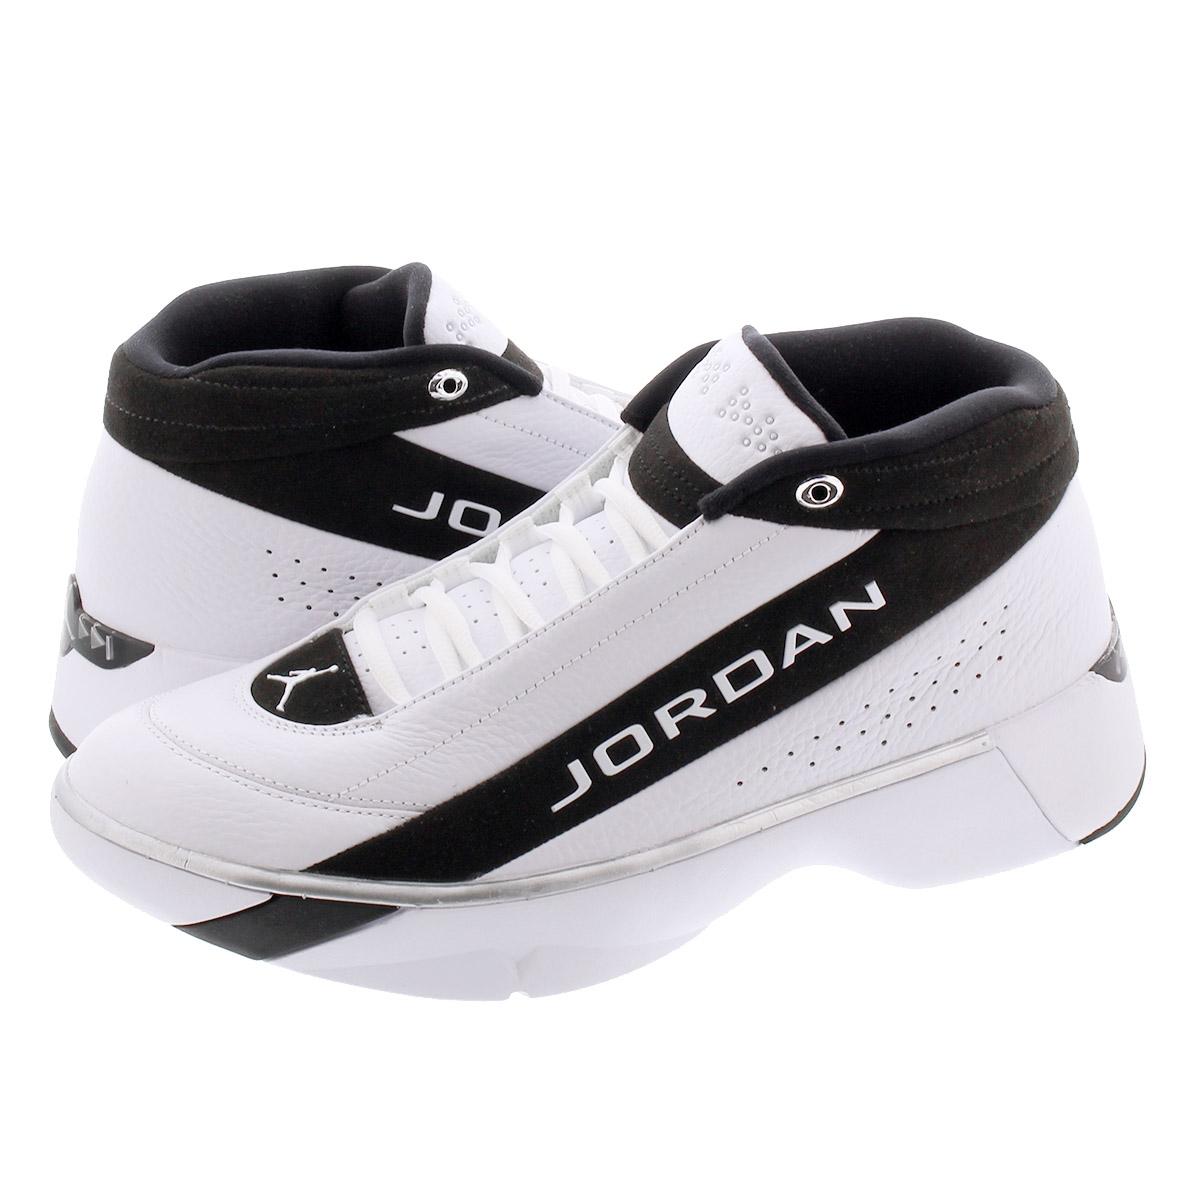 【ビッグ・スモールサイズ】 NIKE JORDAN TEAM SHOWCASE ナイキ ジョーダン チーム ショーケース WHITE/WHITE/BLACK cd4150-100